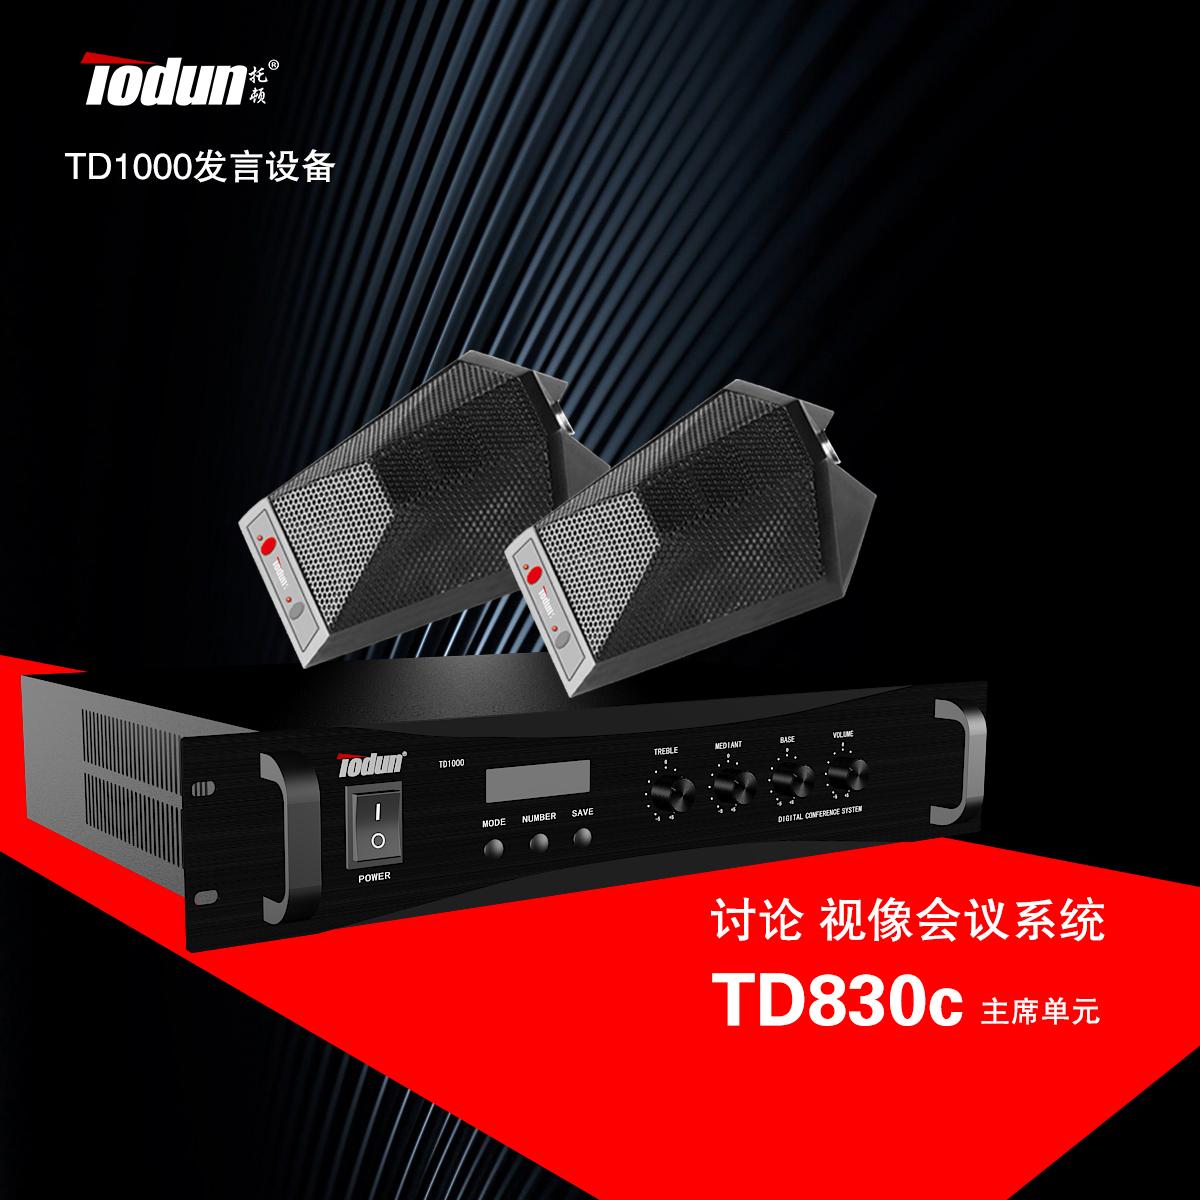 会议厅-数字会议系统TD1000 界面式会议话筒列席单元TD830